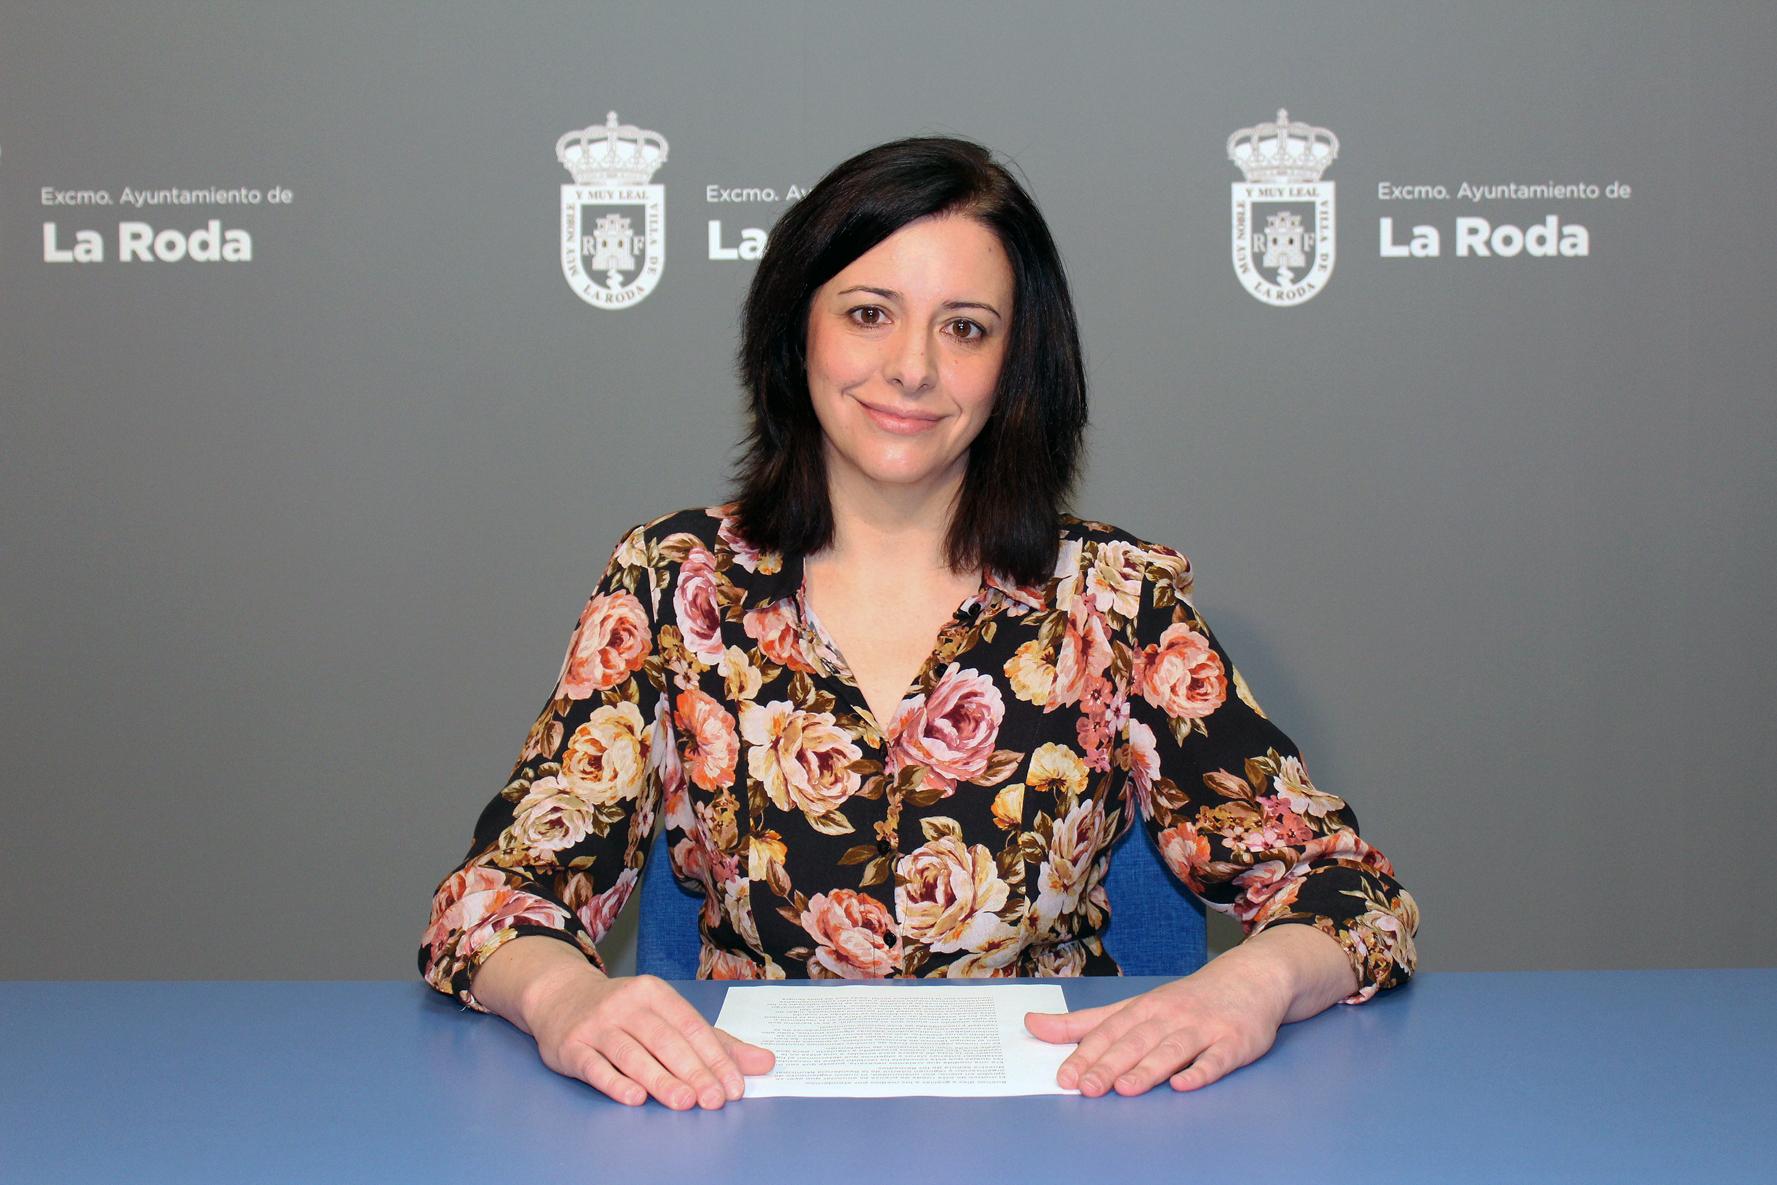 Eva Perea Presentó El Nuevo Reglamento Para La Residencia Municipal